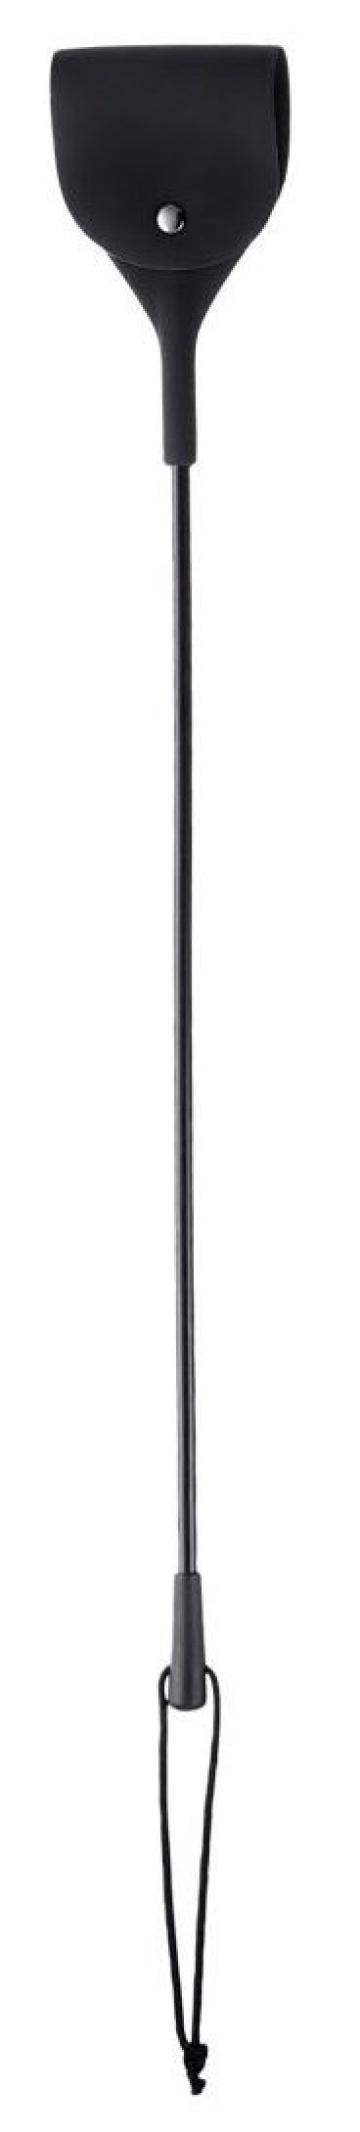 Черный гладкий стек с тонкой ручкой - 48 см.